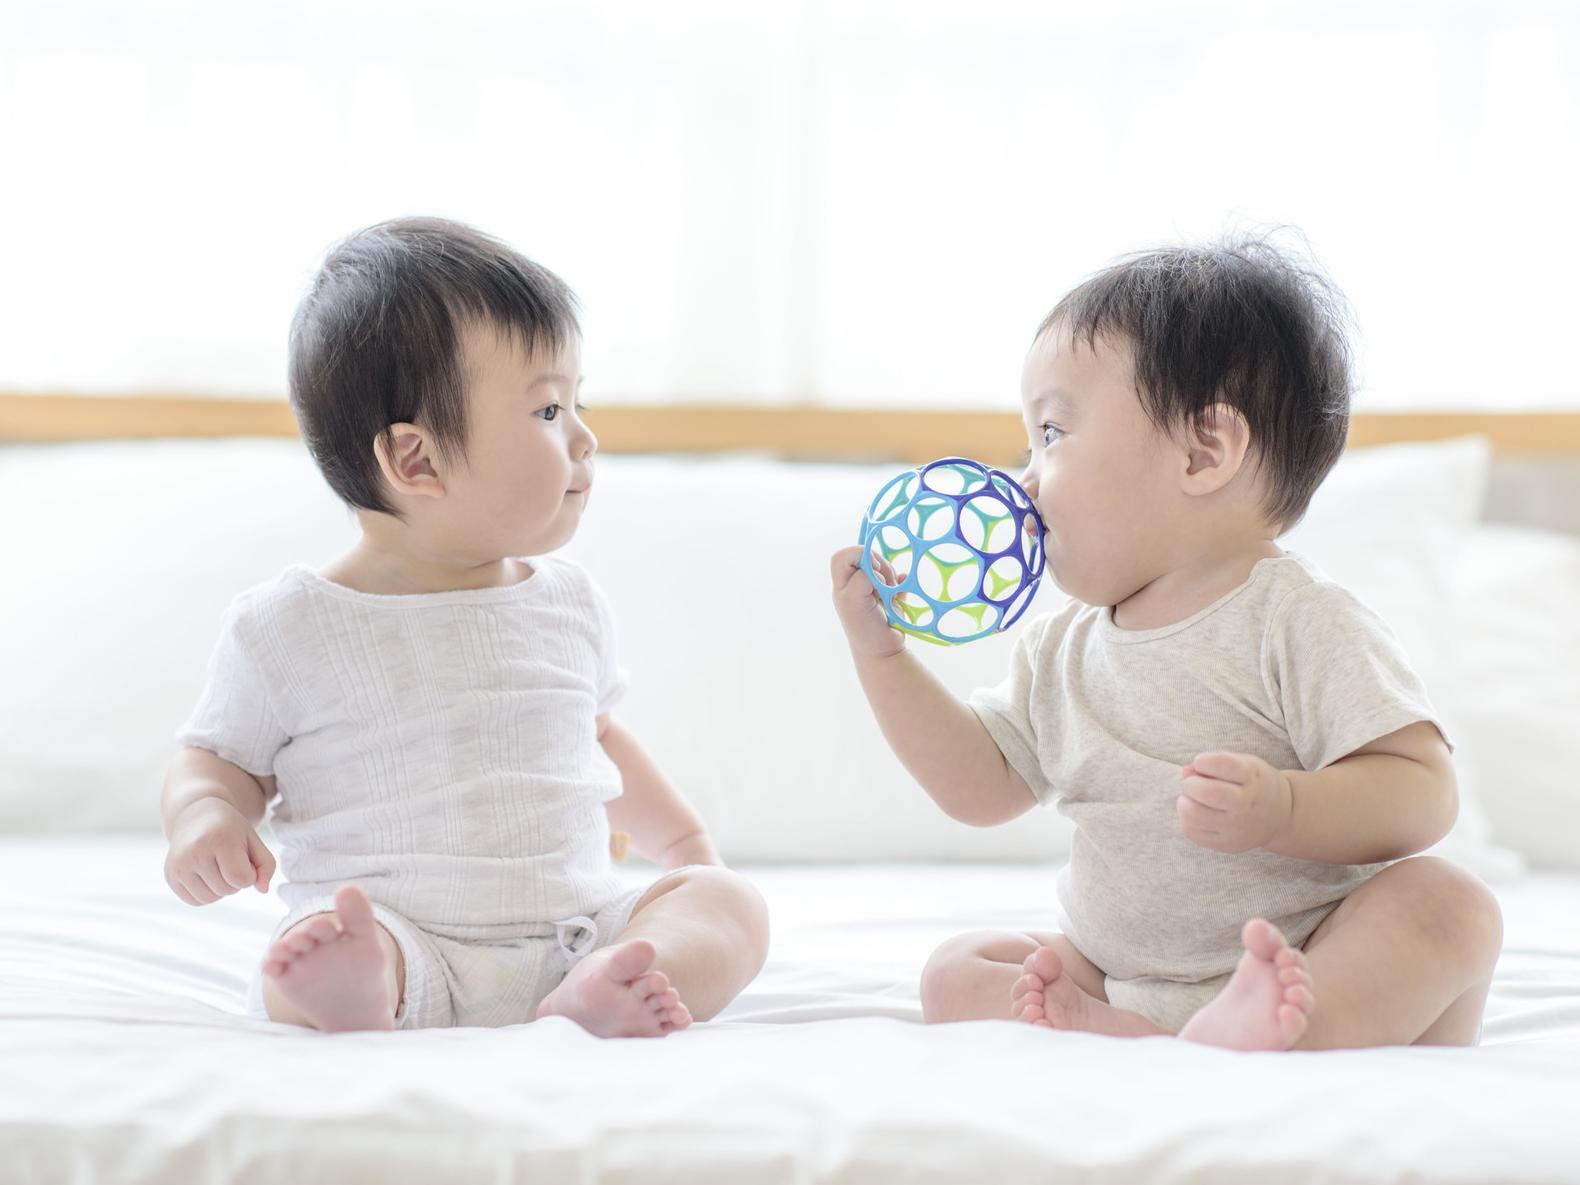 妊娠検査薬陰性双子